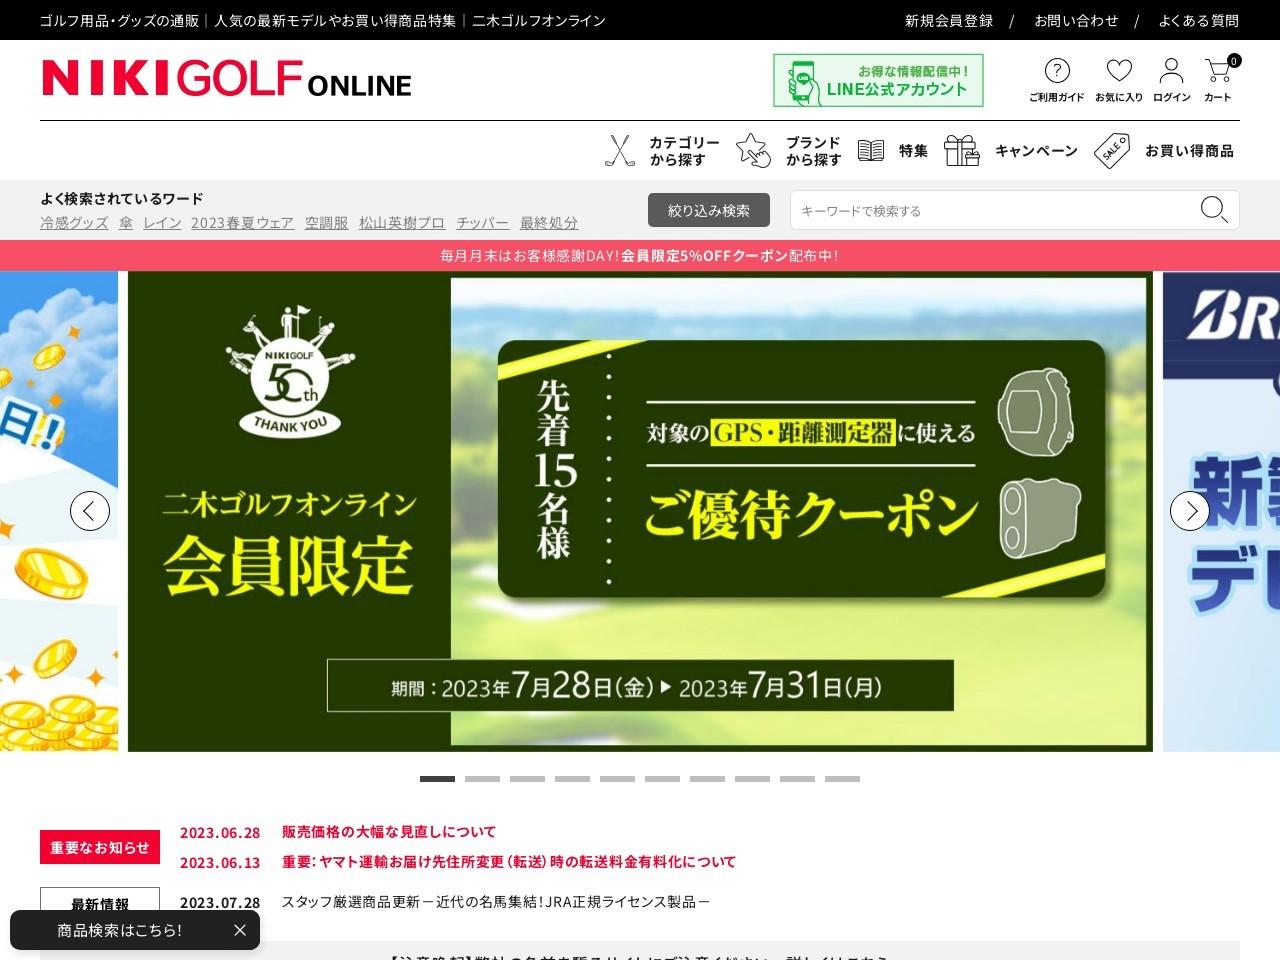 二木ゴルフ秋田店